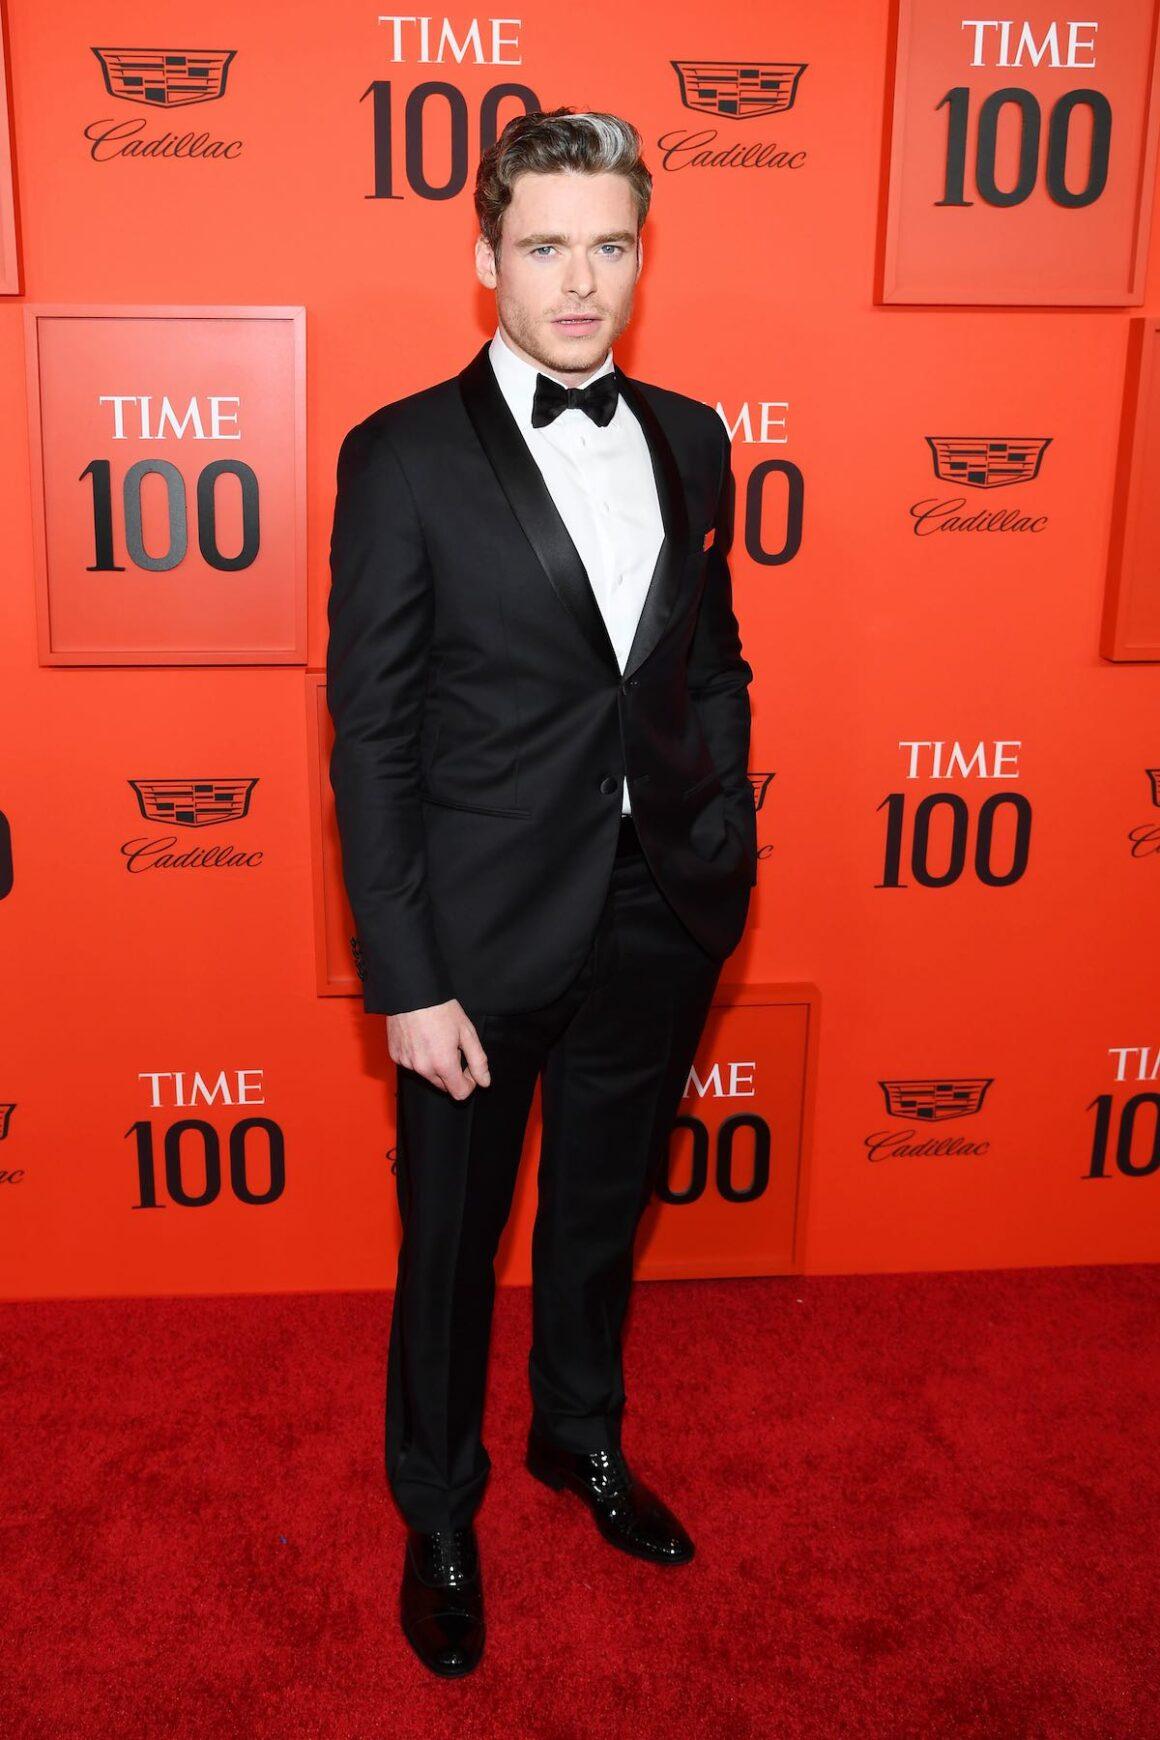 Richard Madden TIME 100 Gala 2019 - Red Carpet